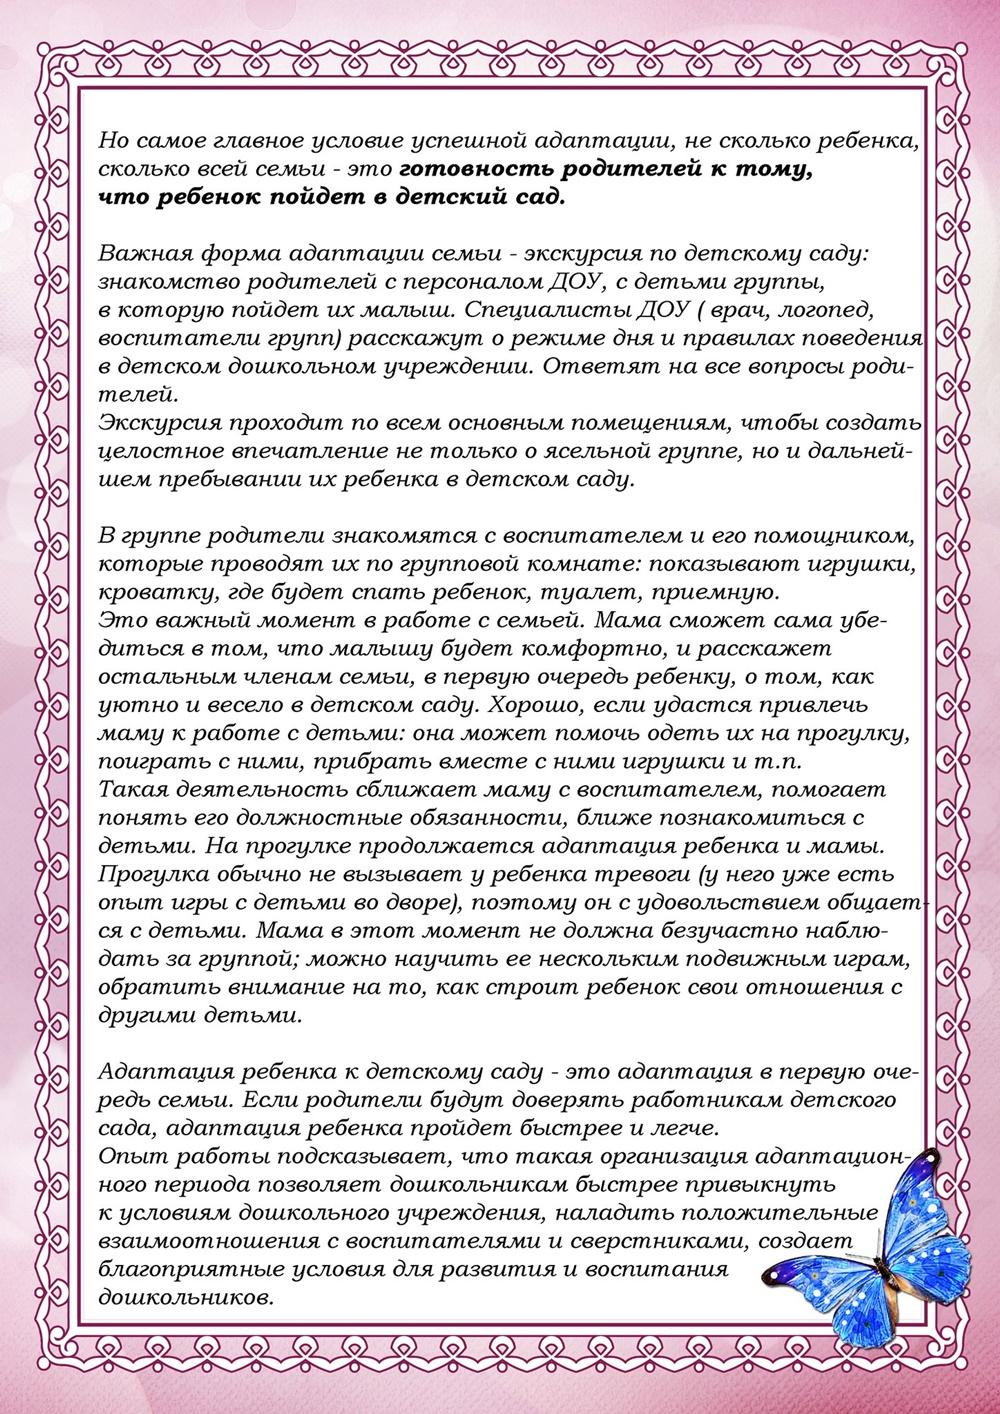 Азбука для родителей» алан фромм., лениздат,г.